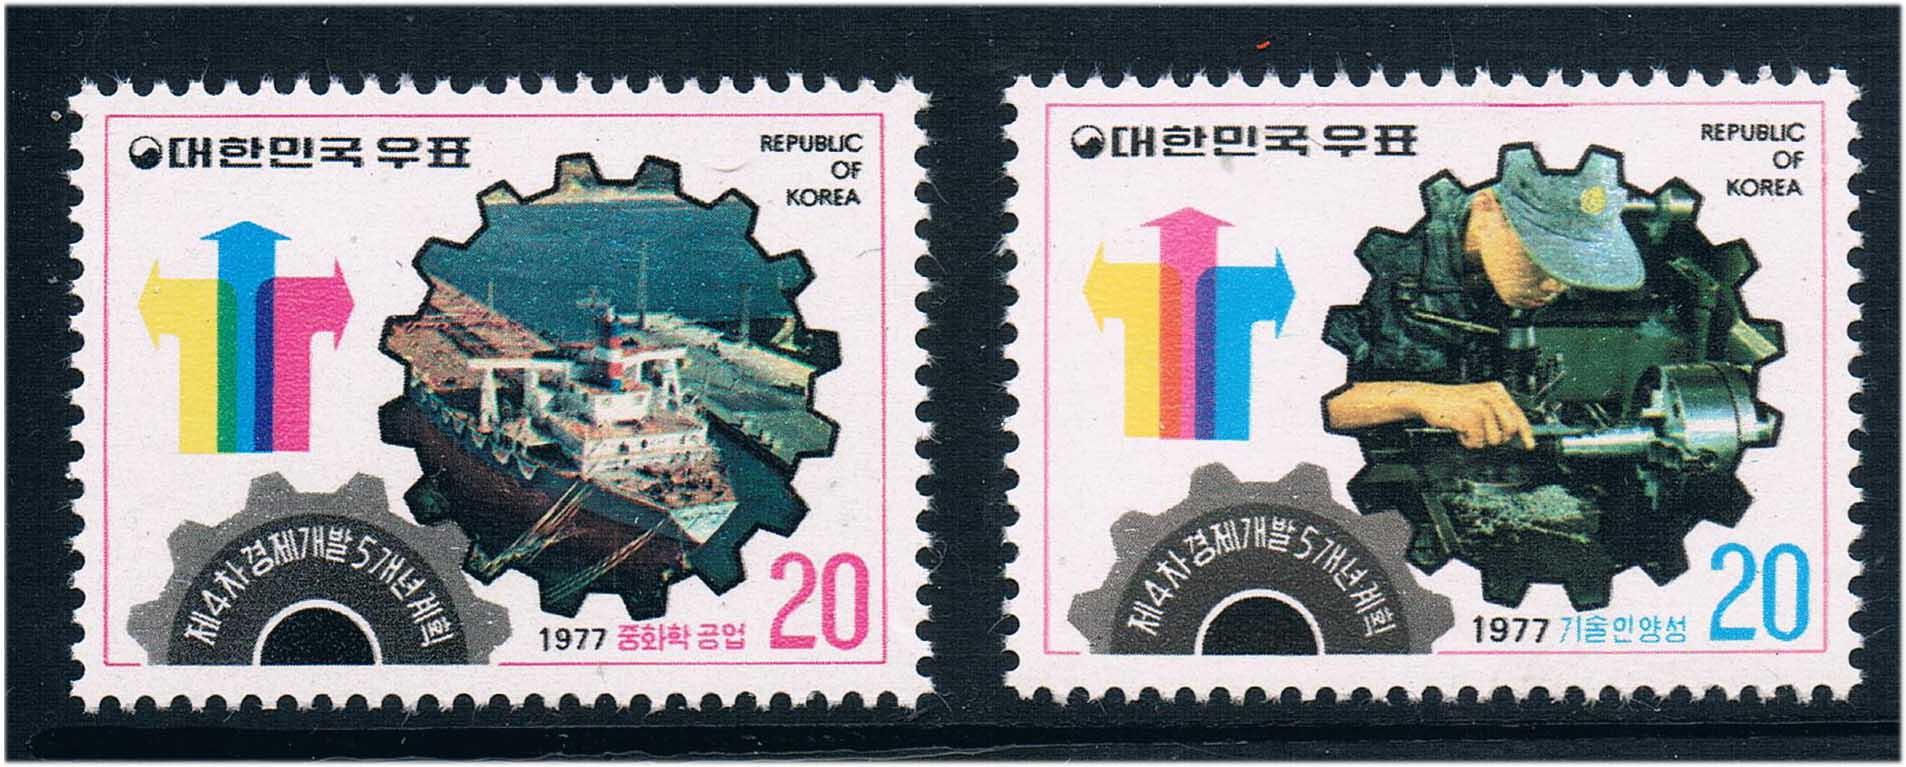 韩国1977经济发展的第4个五年计划造船全新外